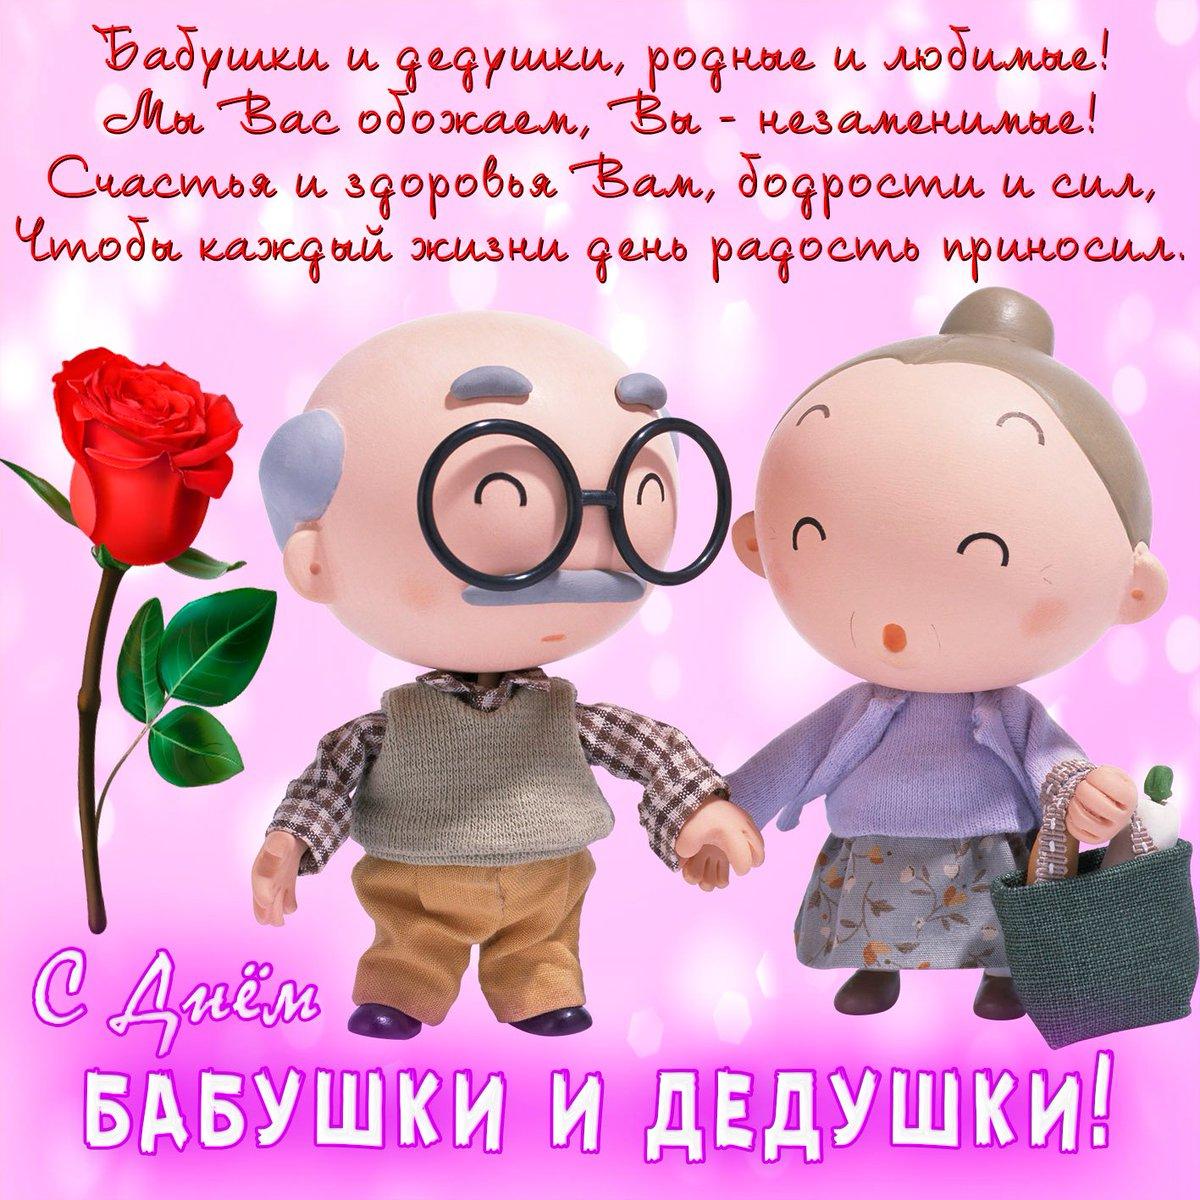 самых поздравление с годовщиной внучку выбора москве